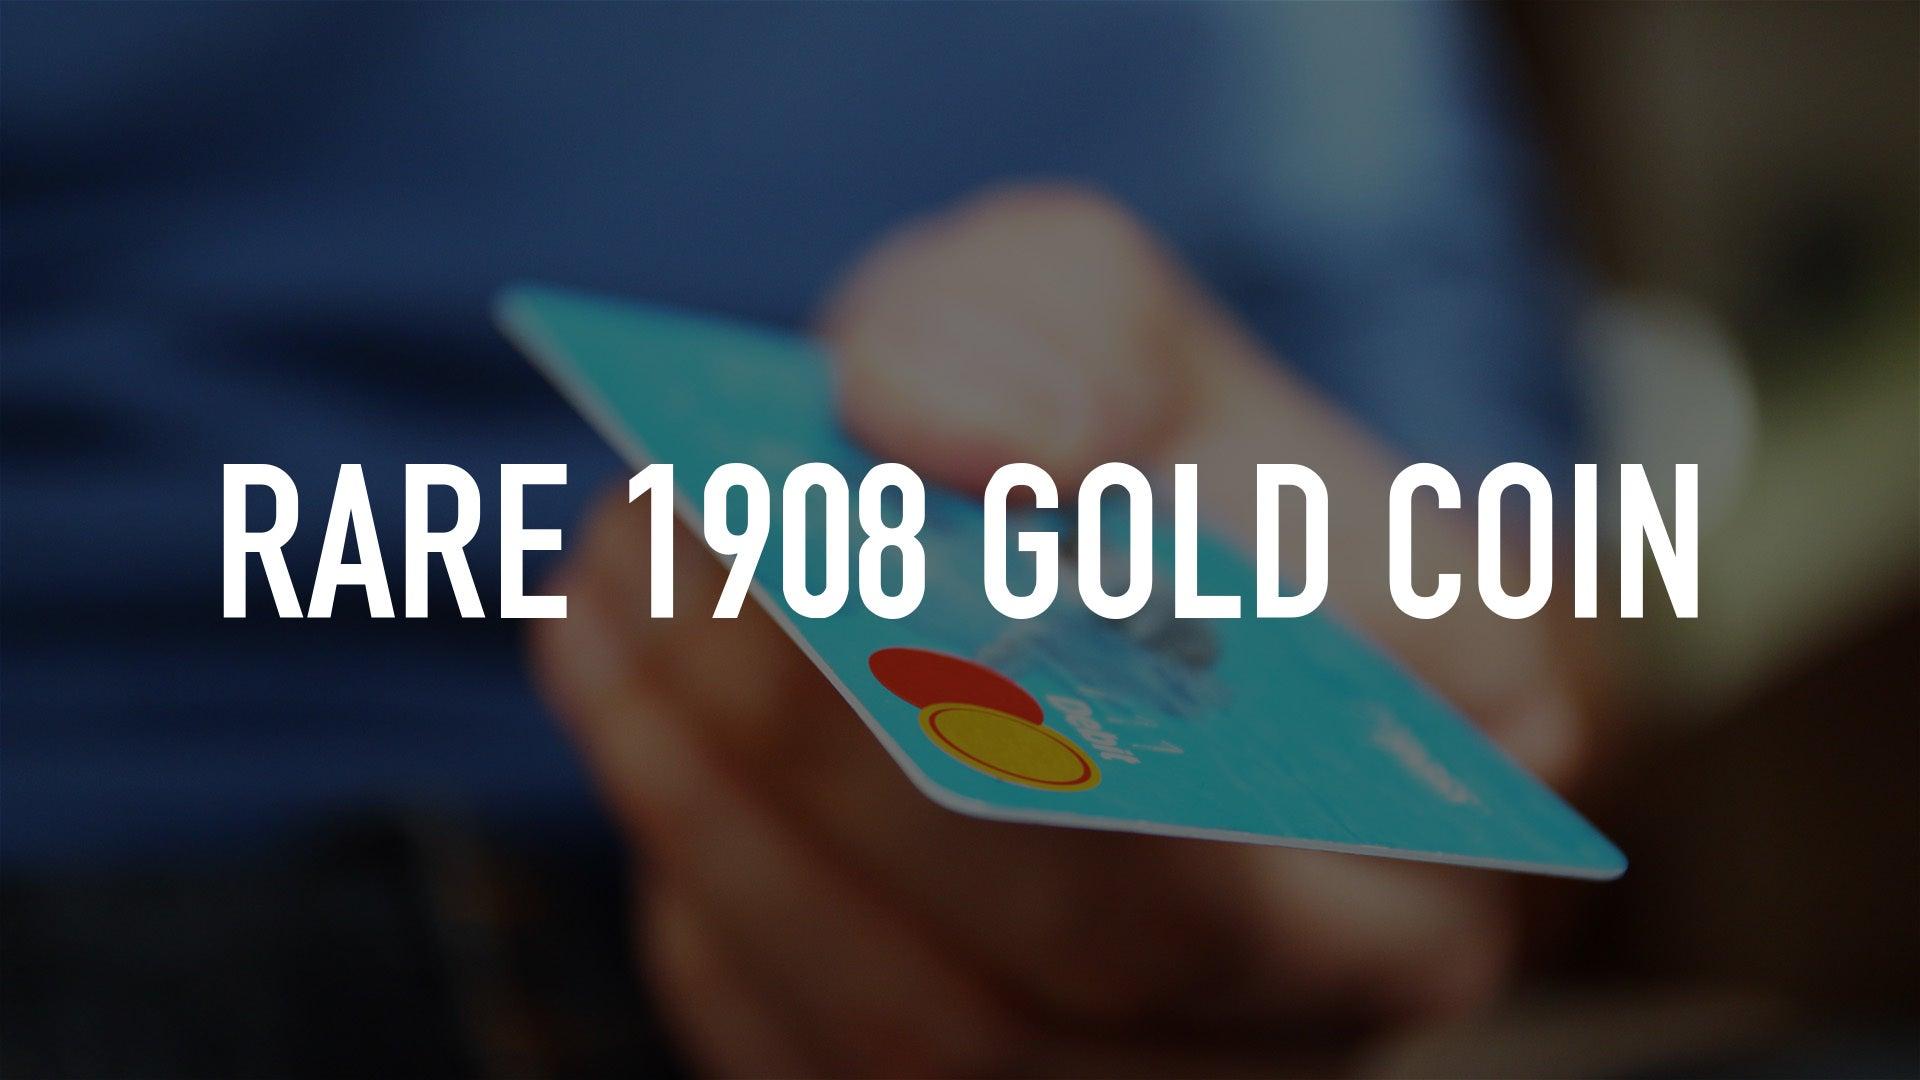 Rare 1908 Gold Coin